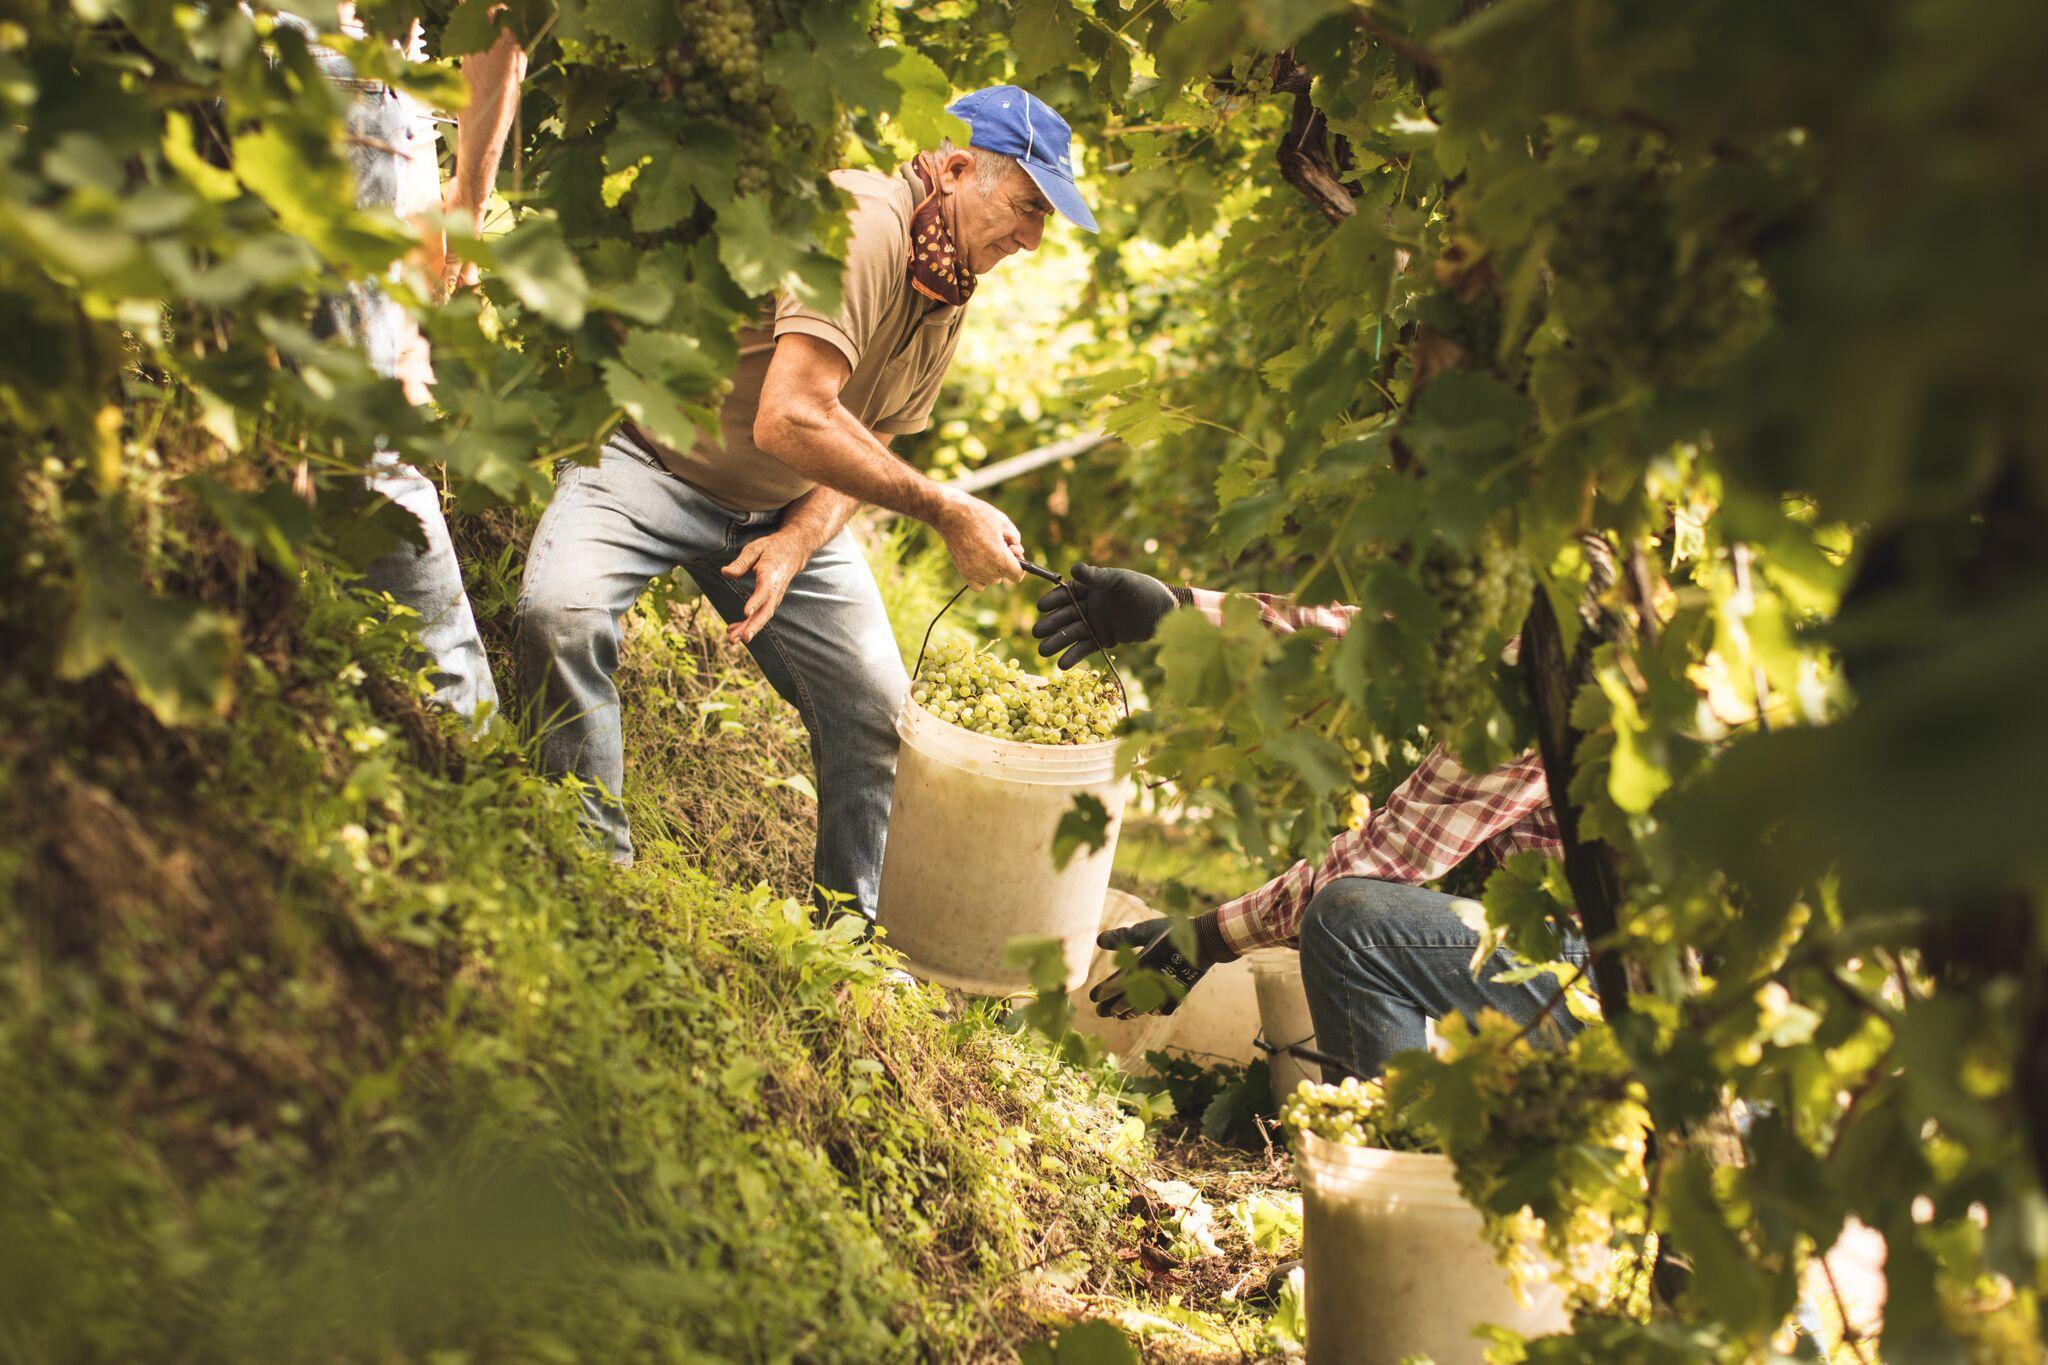 Heroic harvest in the hills of Conegliano Valdobbiadene Prosecco Superiore  (Image: Beatrice Pilotto, Prosecco Superiore DOCG)